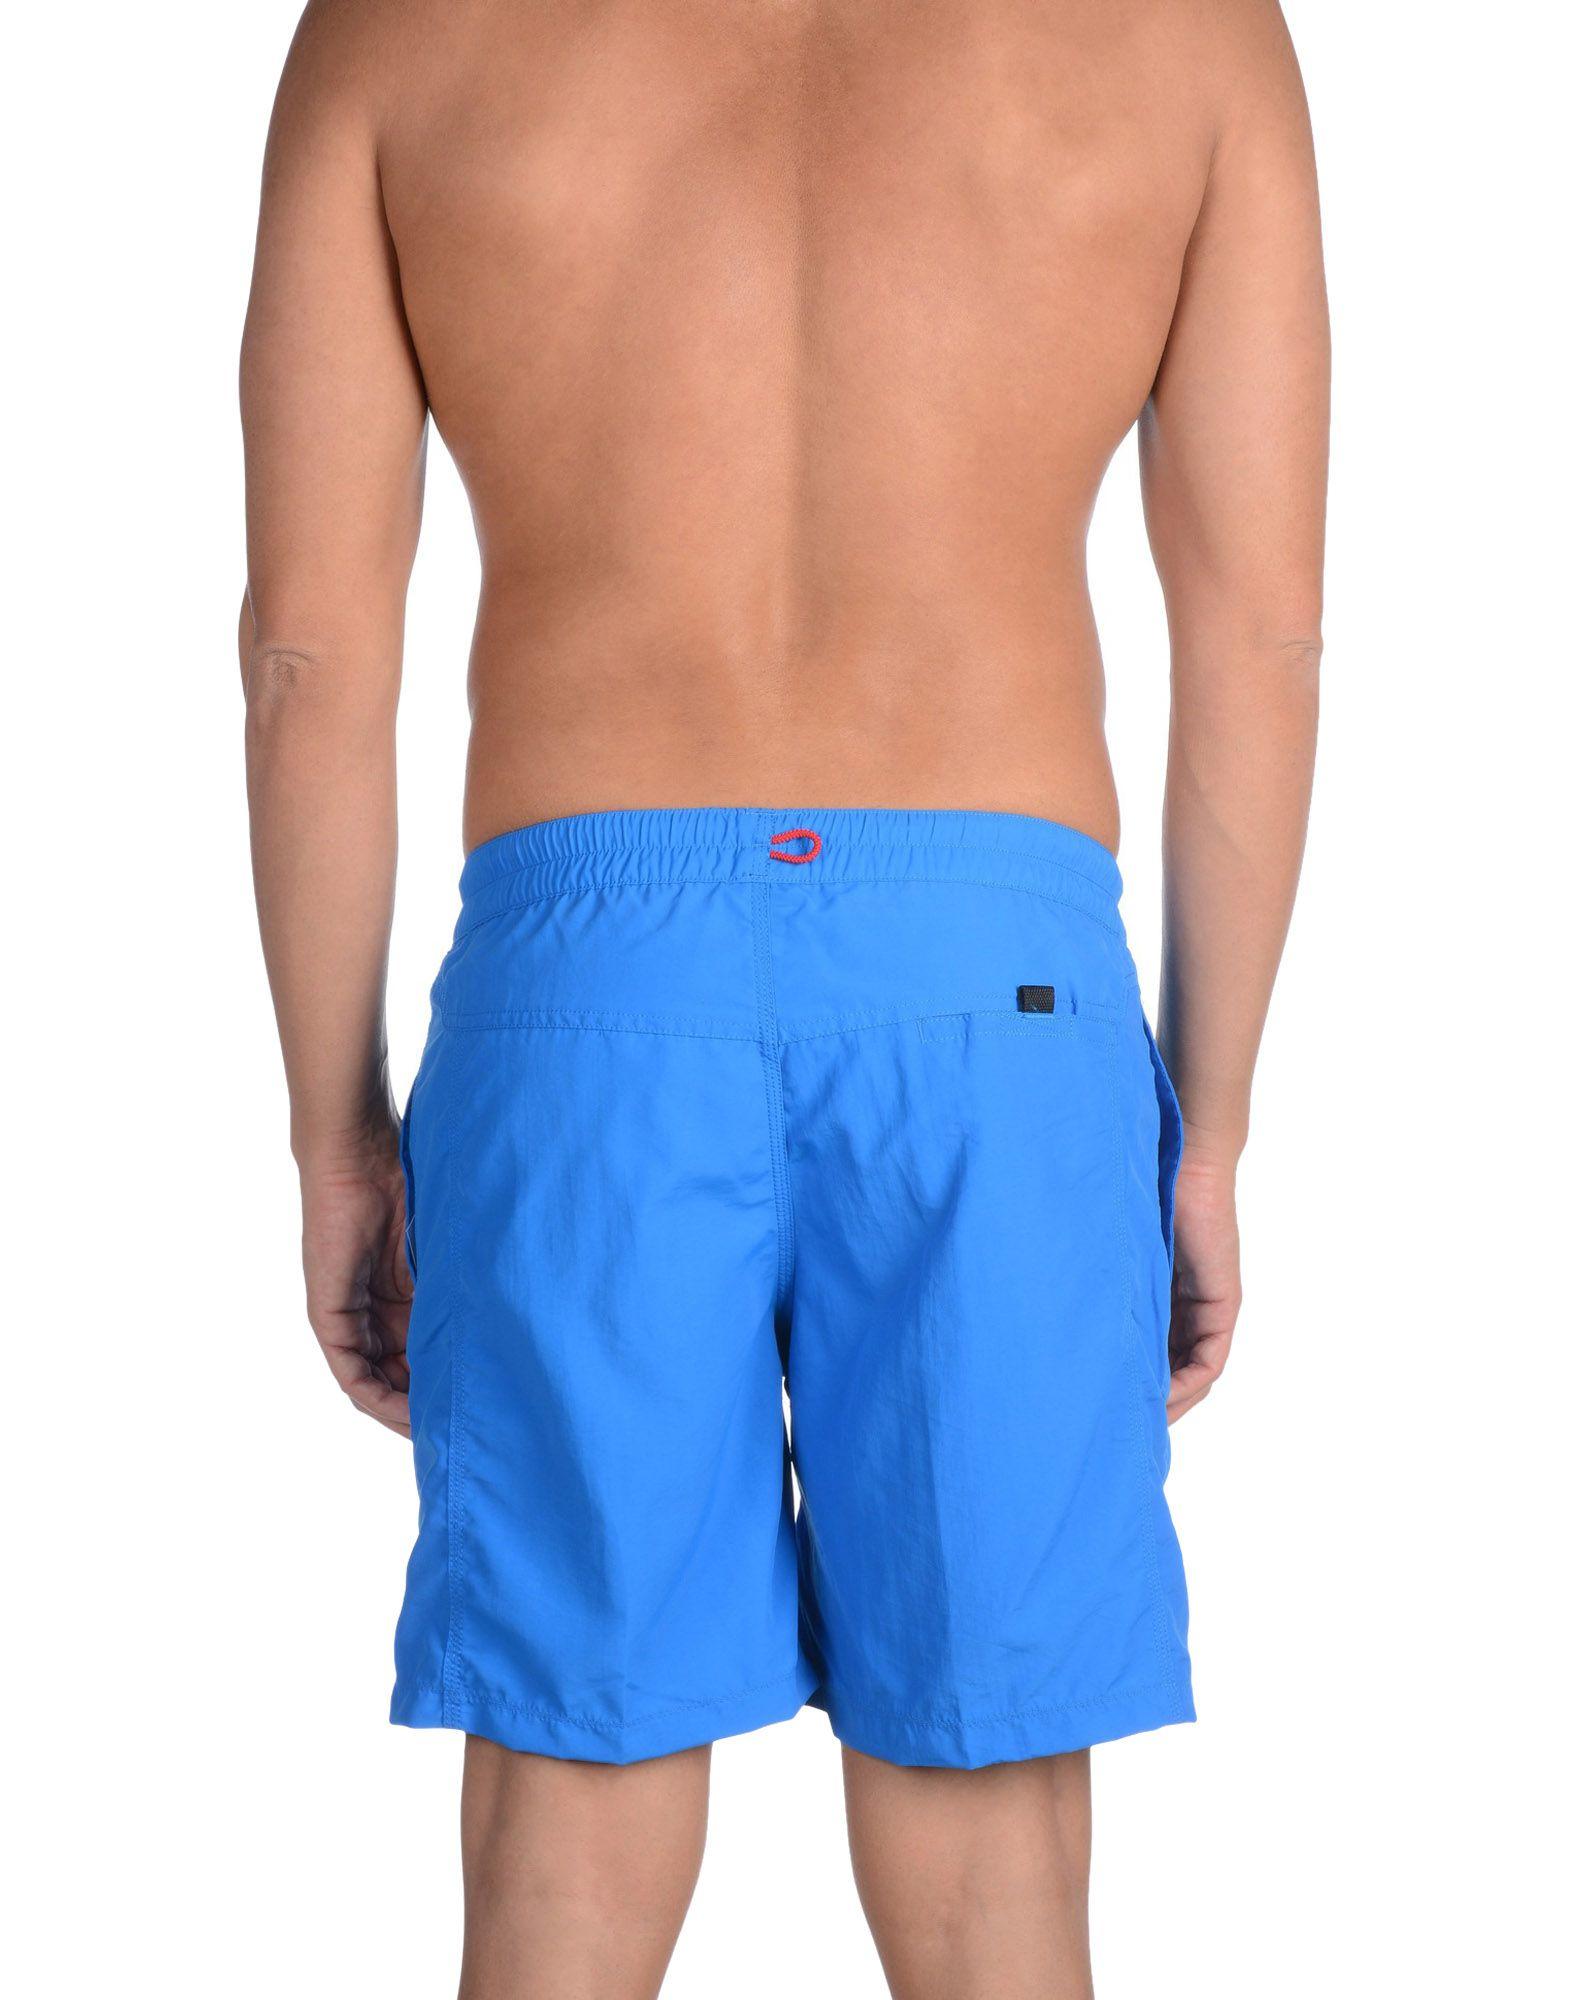 020dea13e5 Helly Hansen Swimming Trunk in Blue for Men - Lyst